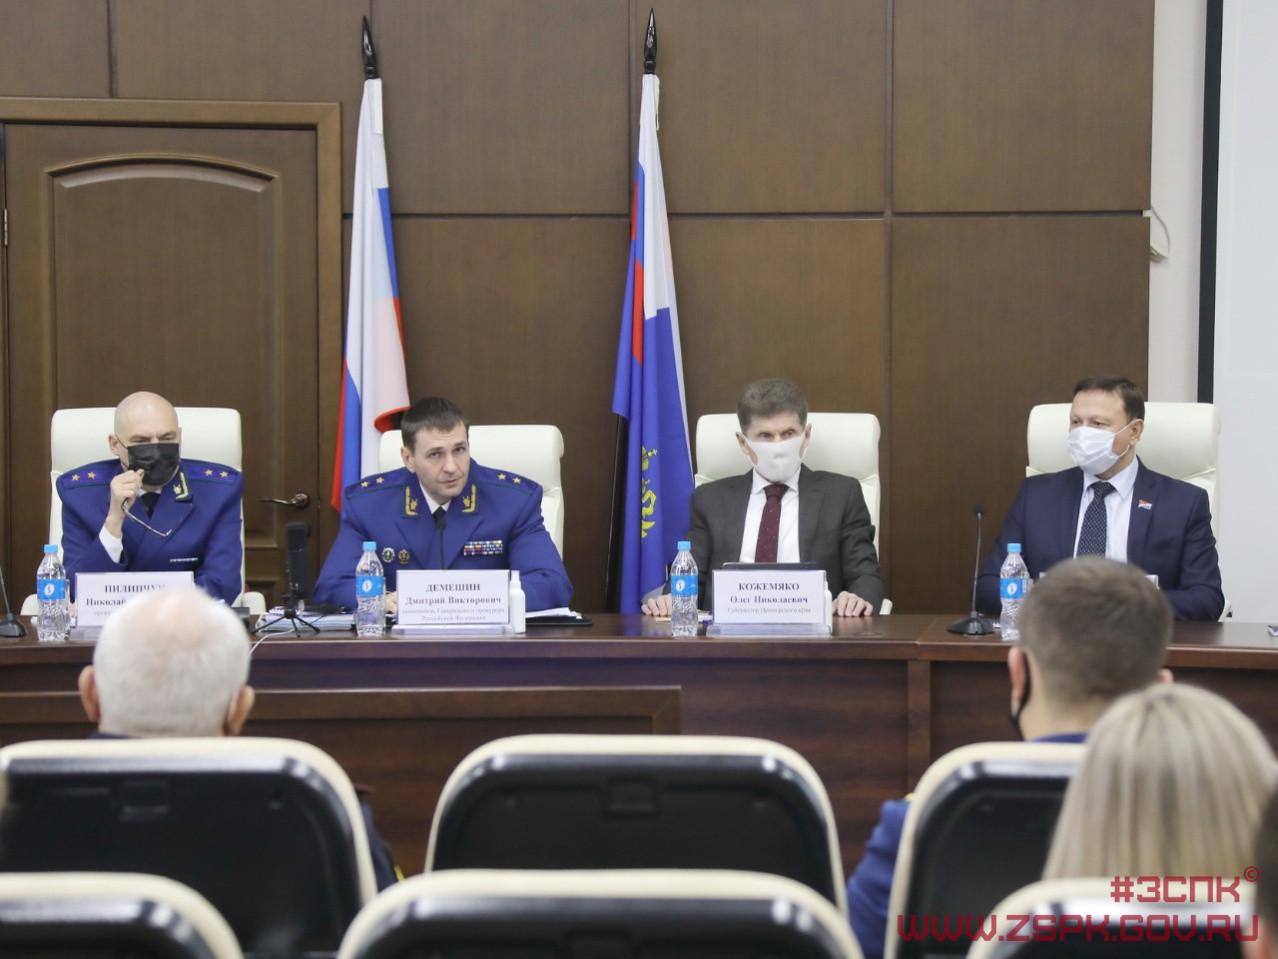 18 краевых законов принято в Приморье по предложению прокуратуры